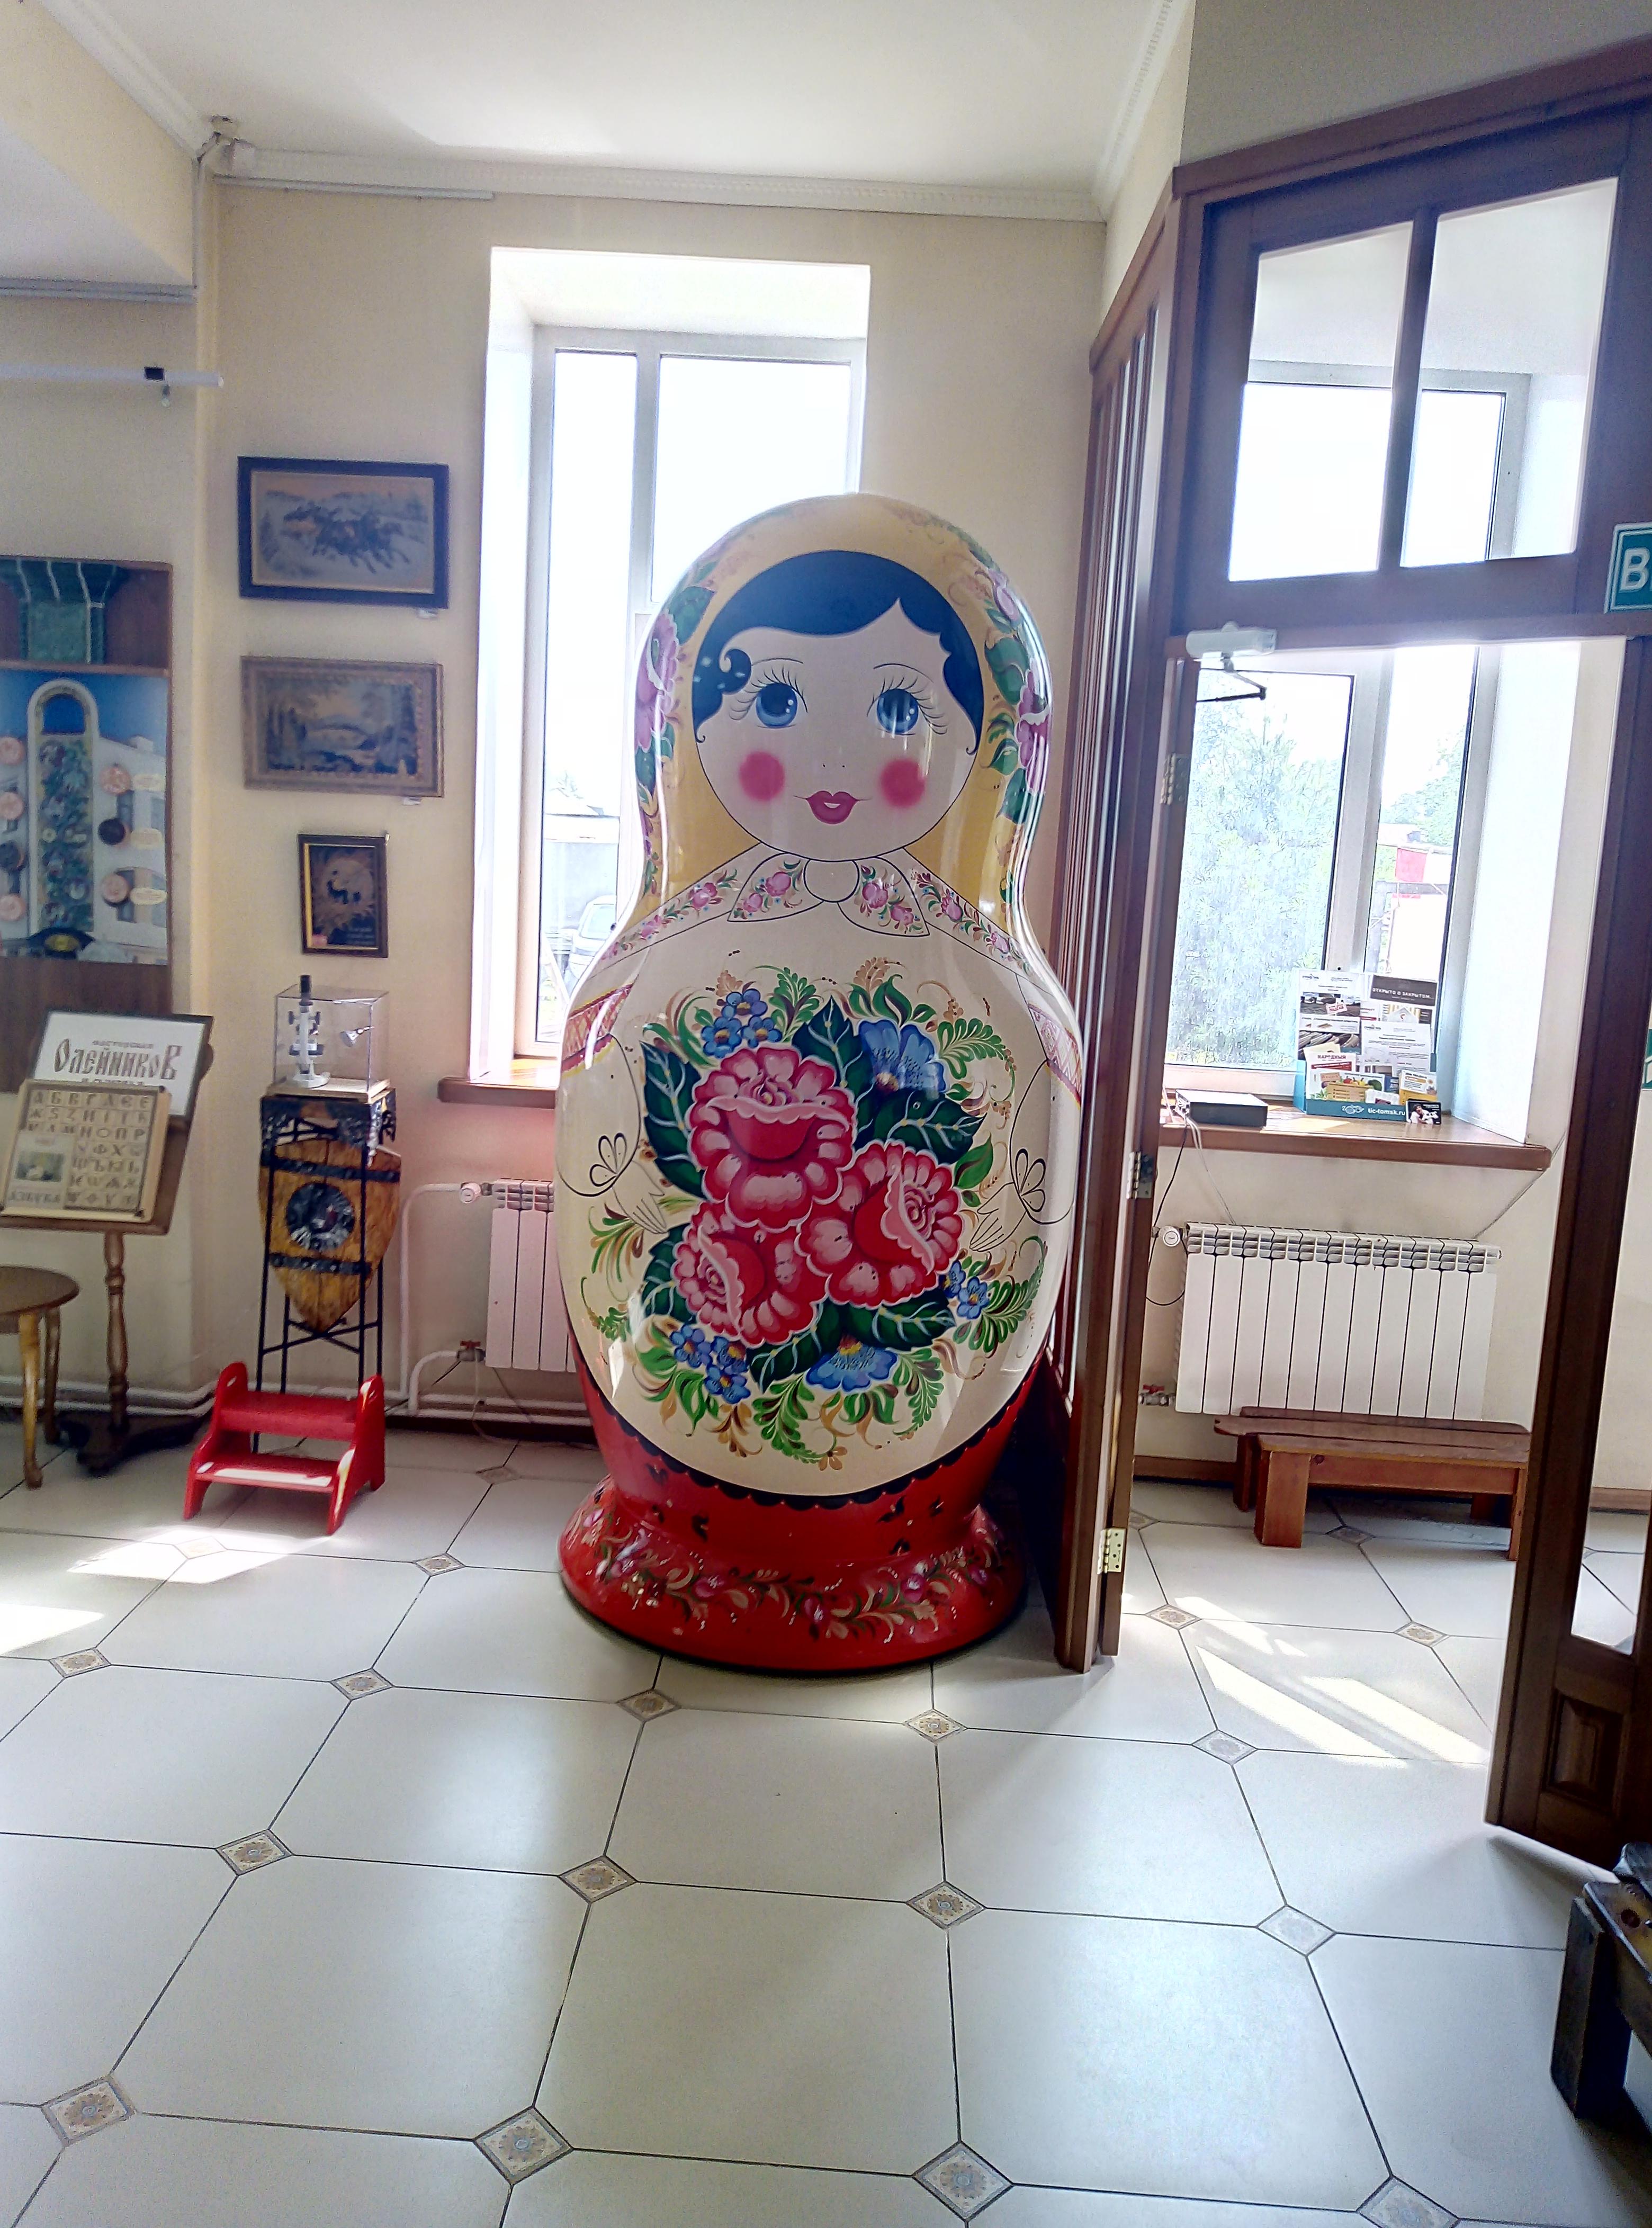 2019 06 28 11 15 37 - O museu da mitologia eslava em Tomsk